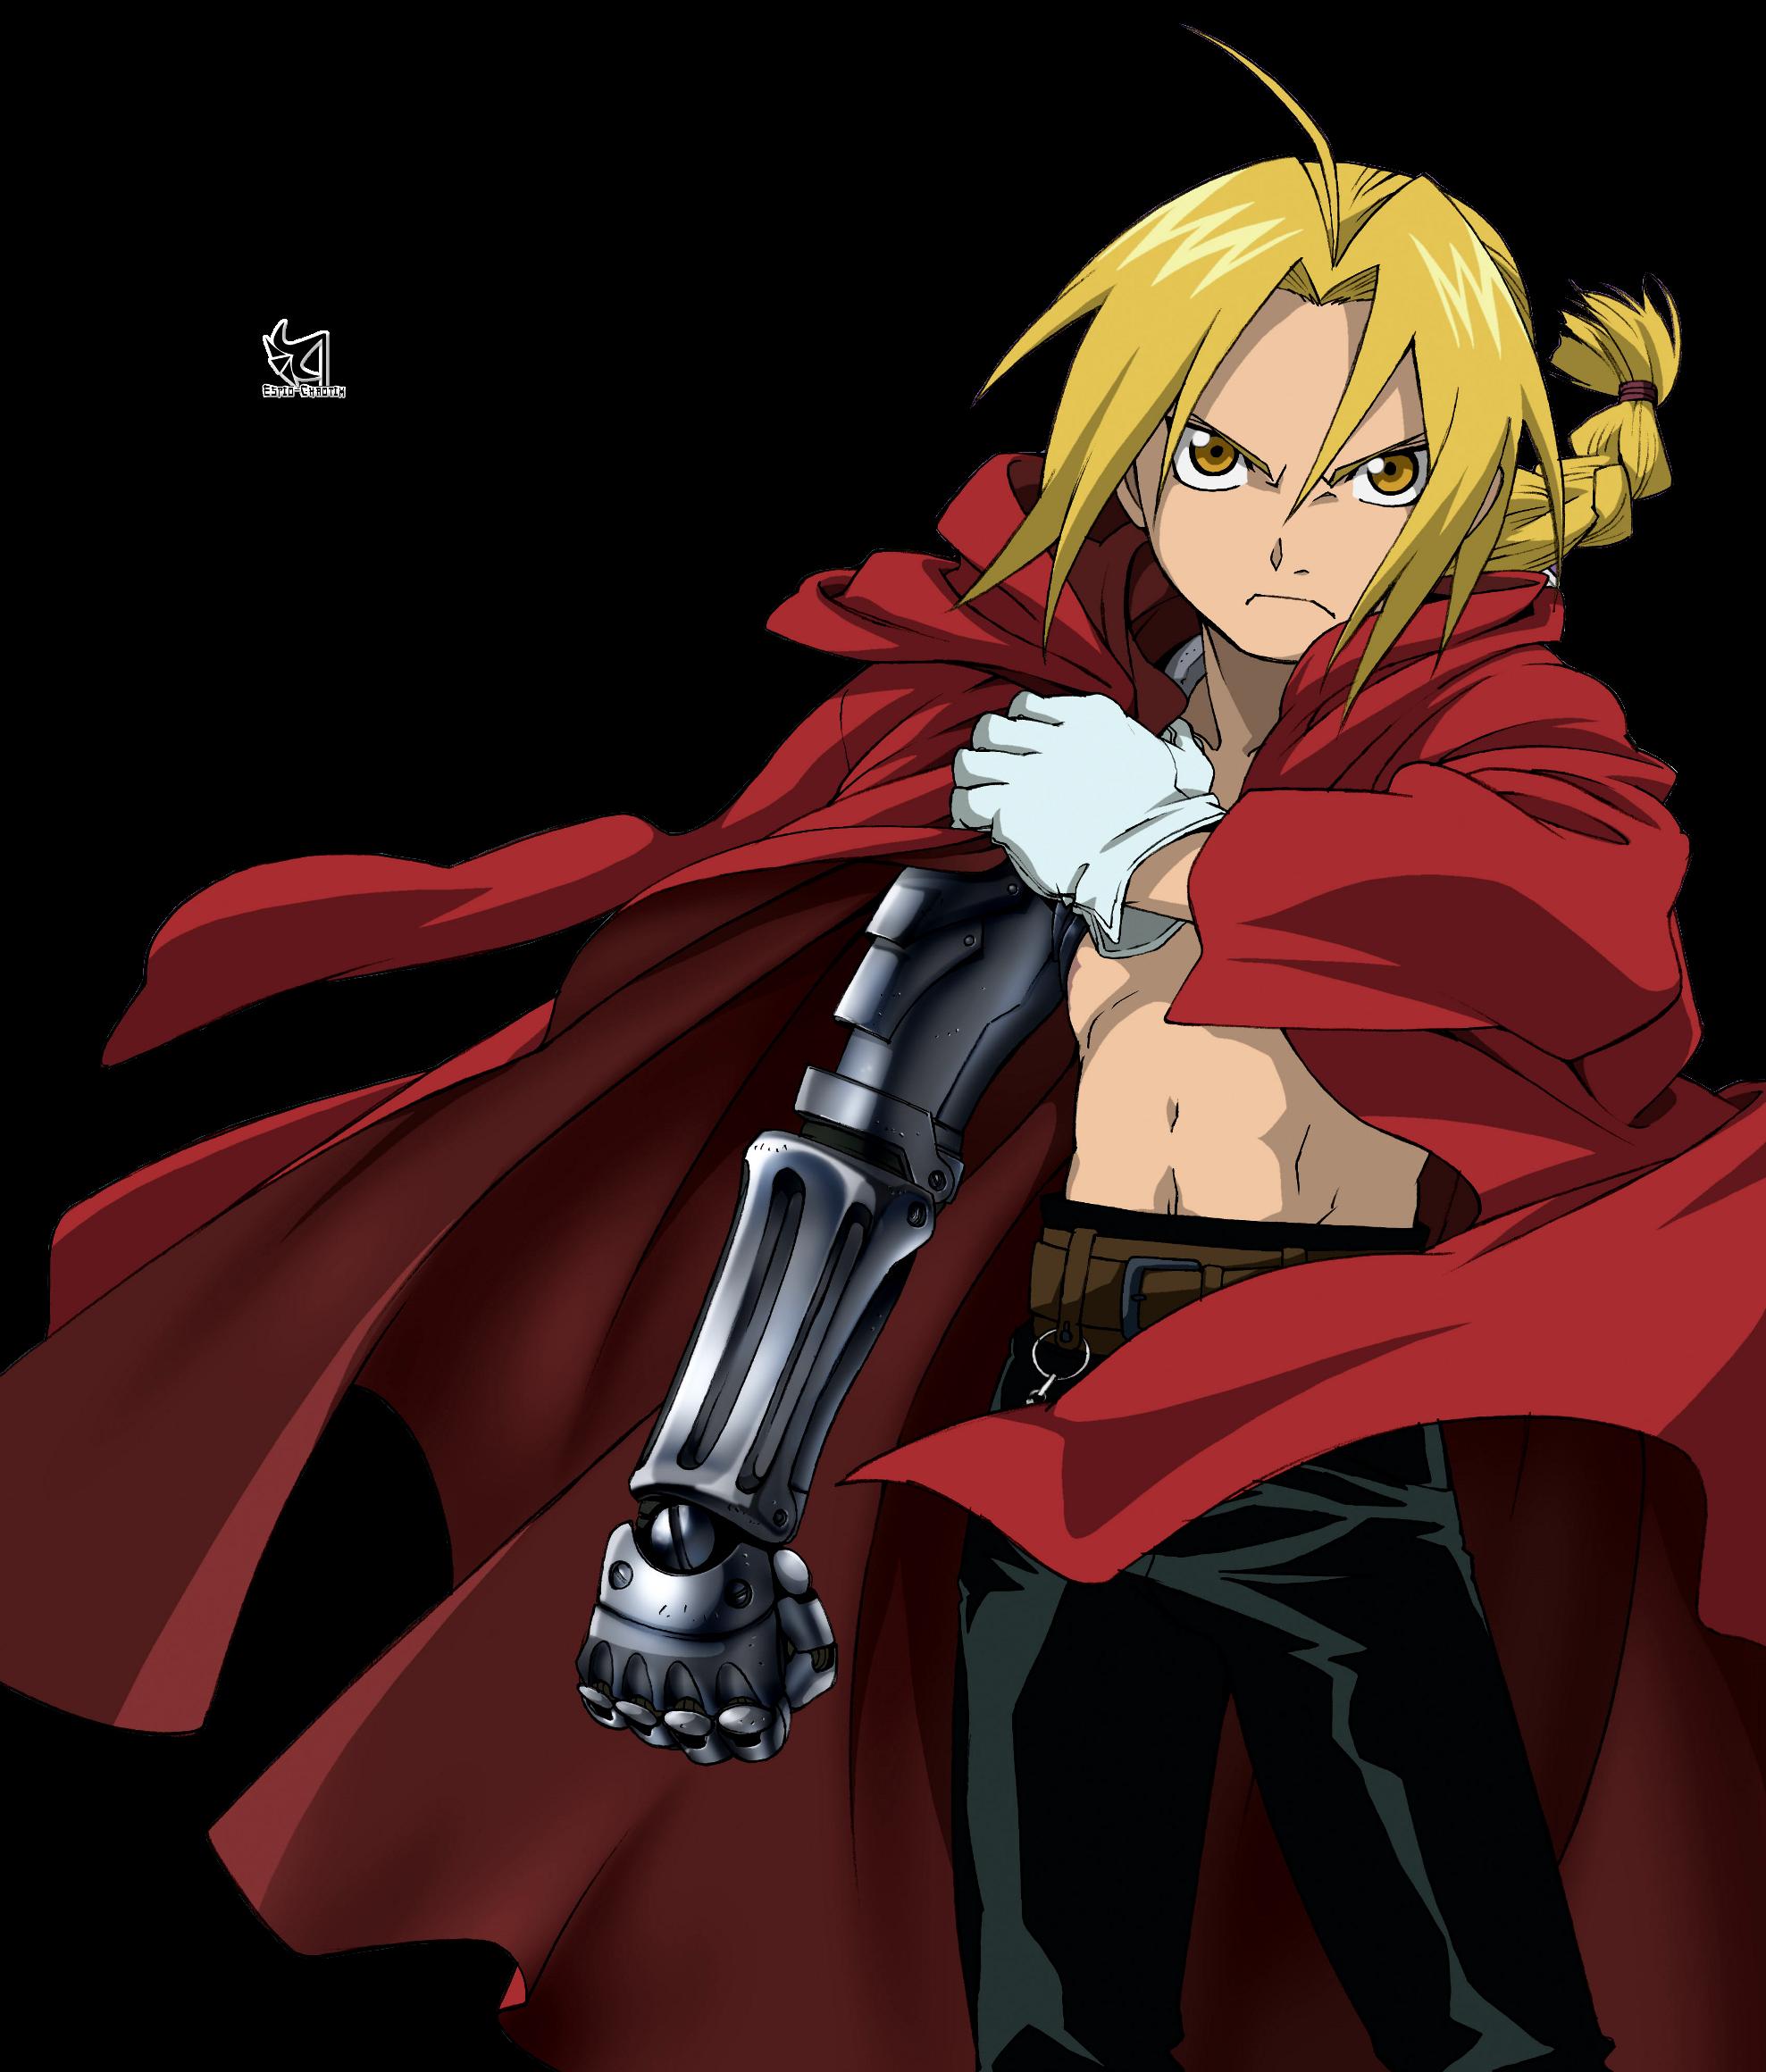 Fullmetal Alchemist Edward Elric Read Full Metal Alchemist Manga Online | Discuss FMA on ...